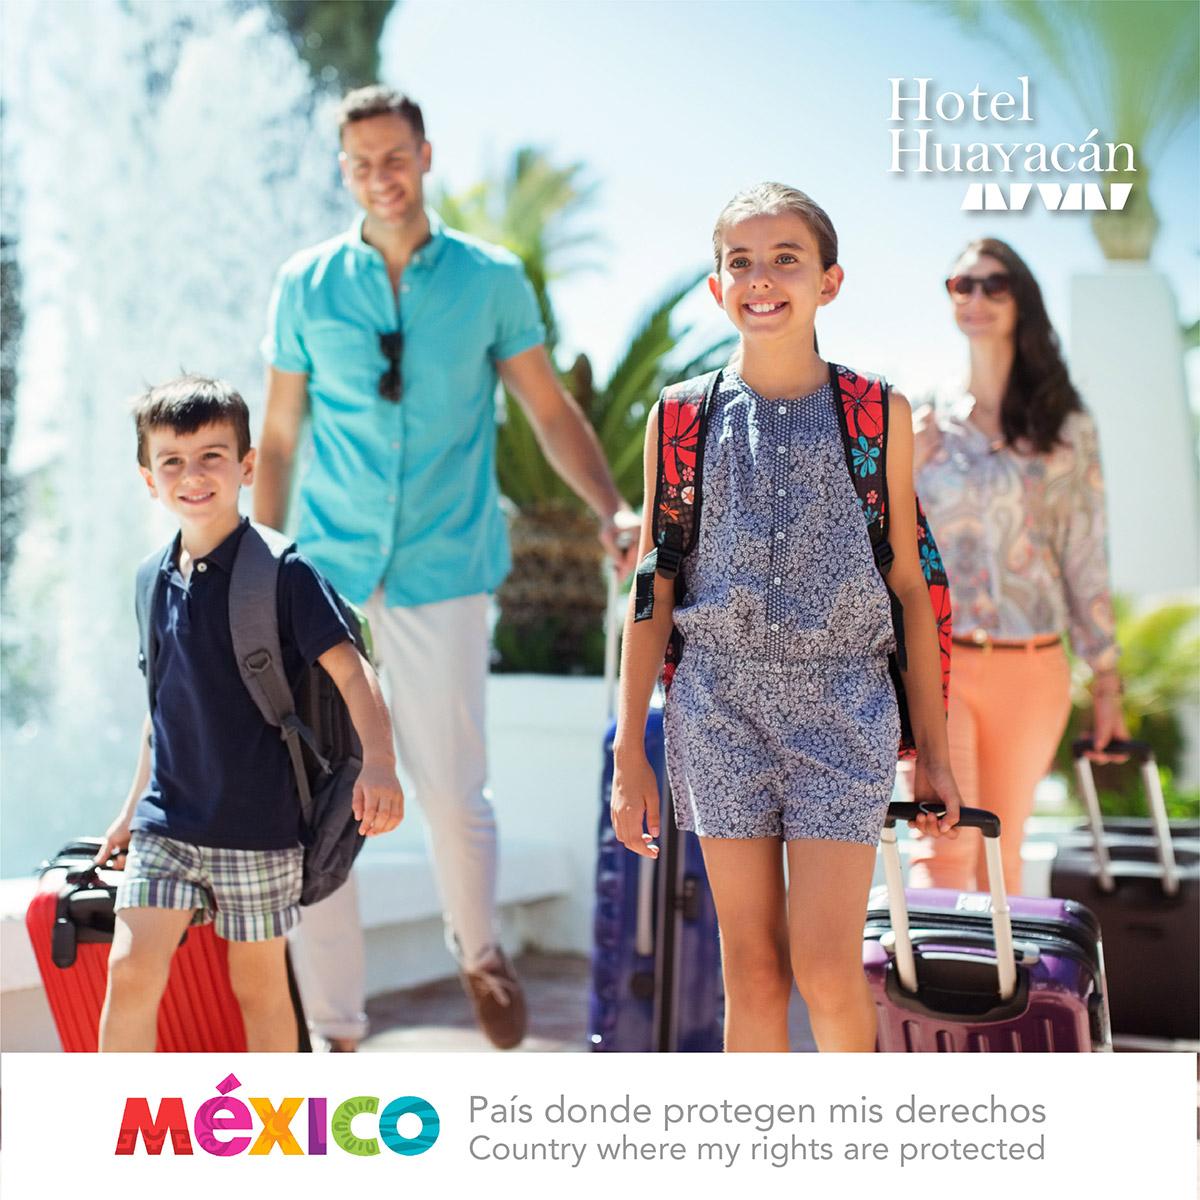 Hotel Huayacán comprometido - Estamos comprometidos para colaborar y aplicar el Código de Conducta Nacional para la Protección de Niñas, Niños y Adolescentes en el Sector de los Viajes y el Turismo.